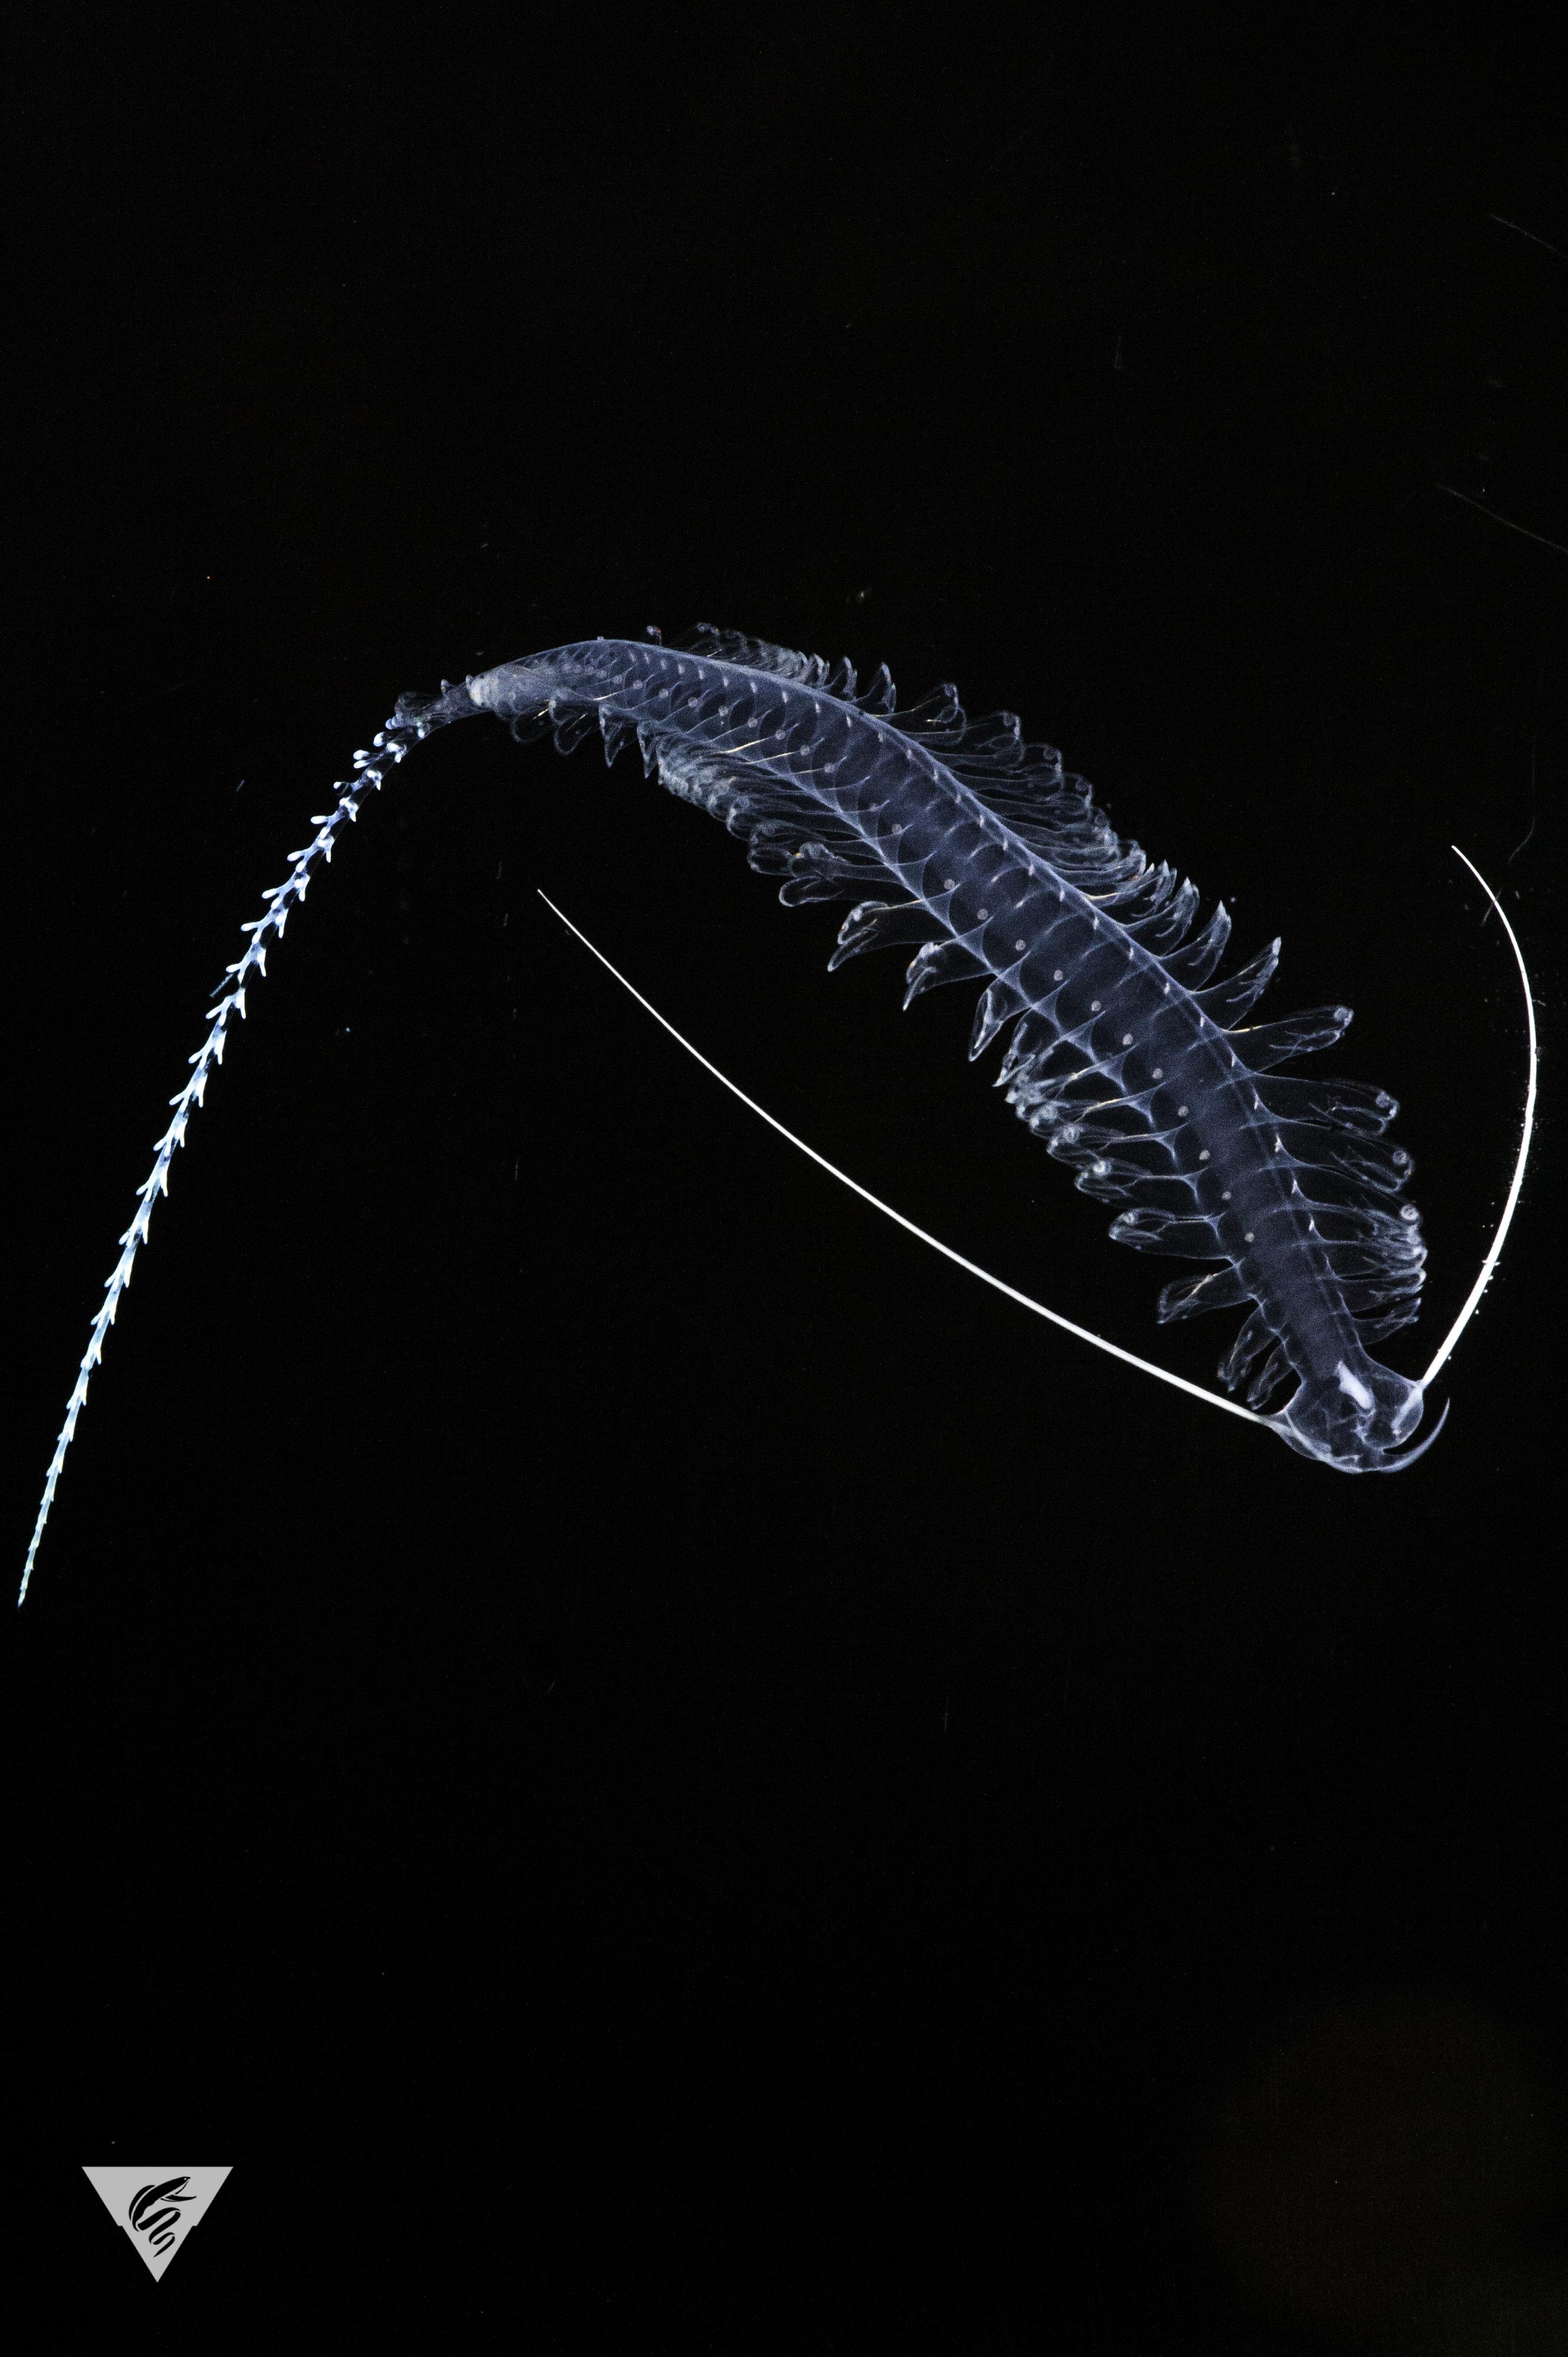 Tomopteris sp.